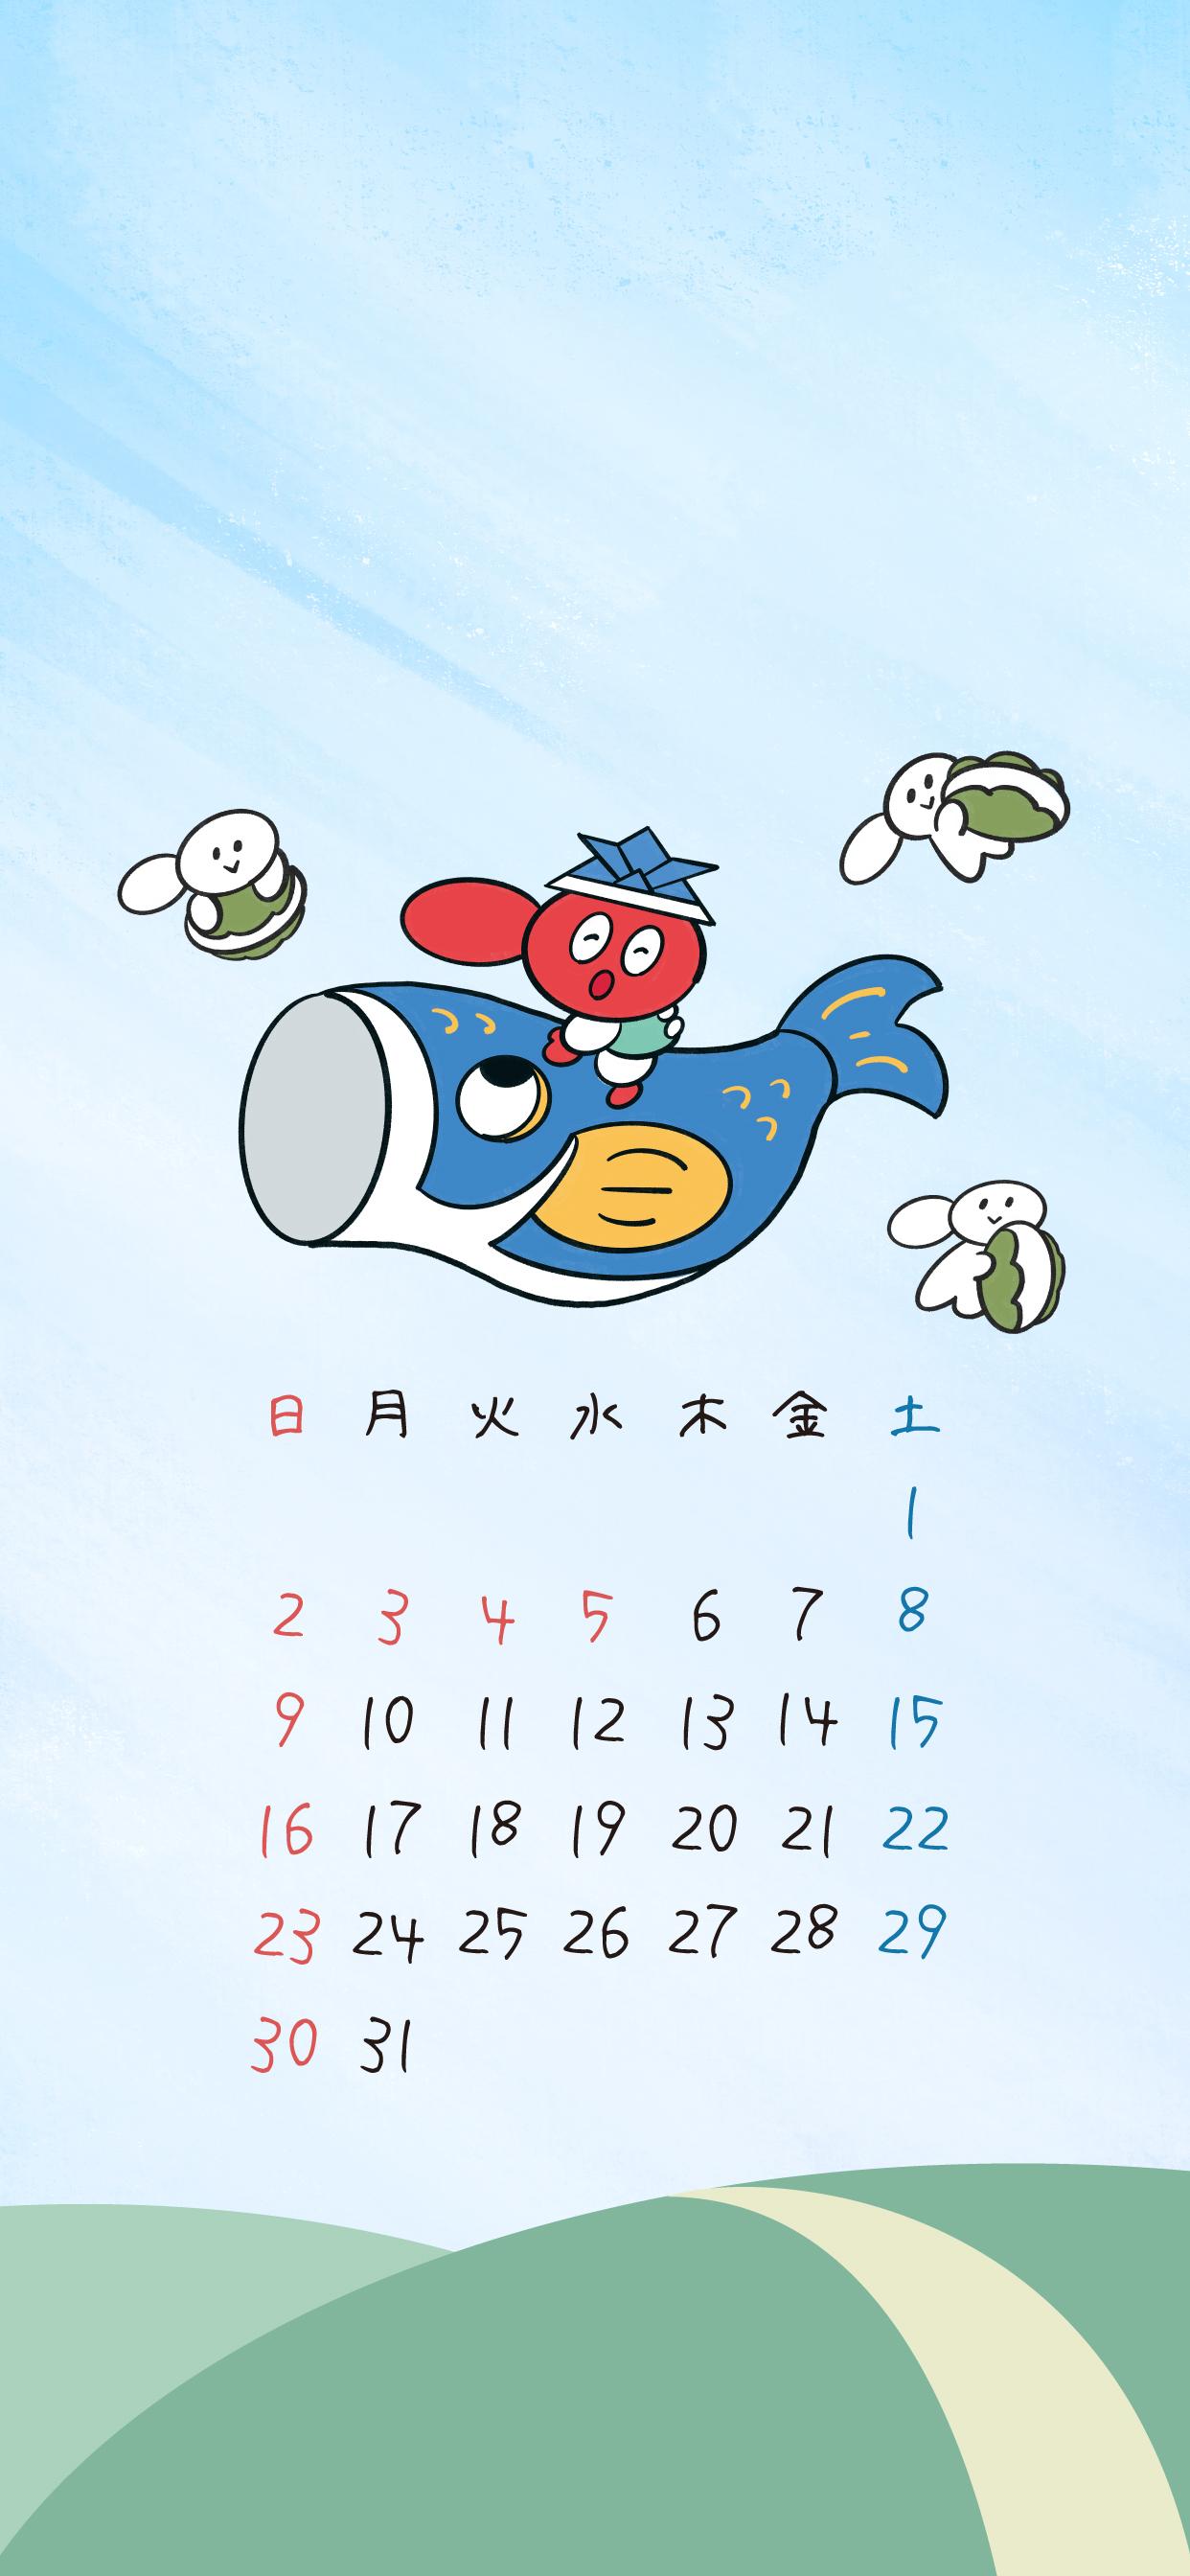 てんぐちゃん5月カレンダーの画像